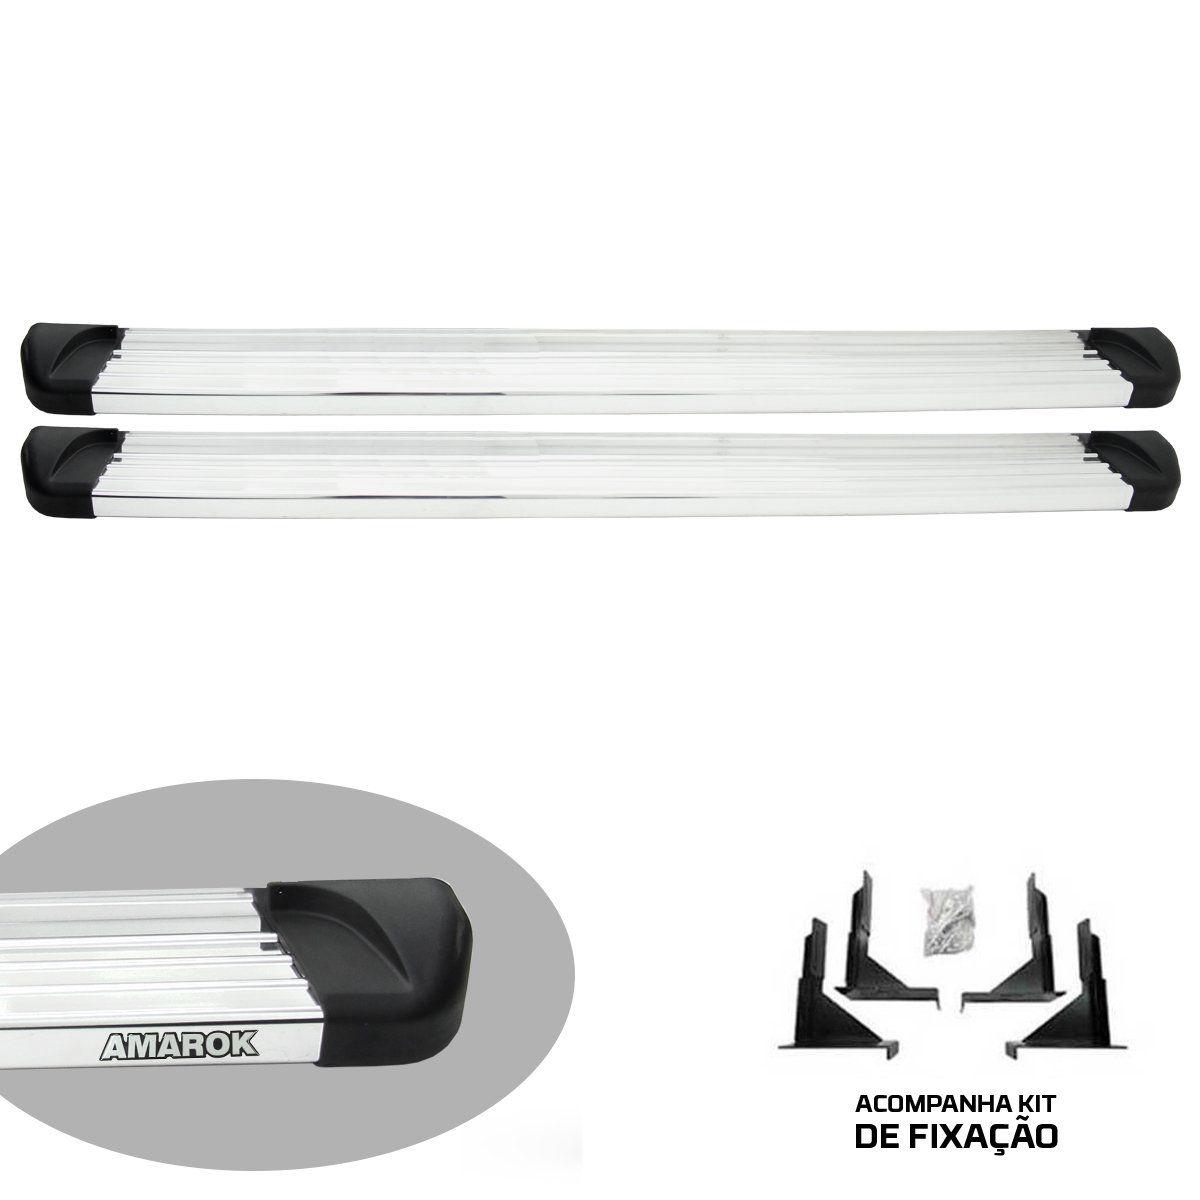 Estribo plataforma alumínio Amarok cabine dupla 2011 a 2020